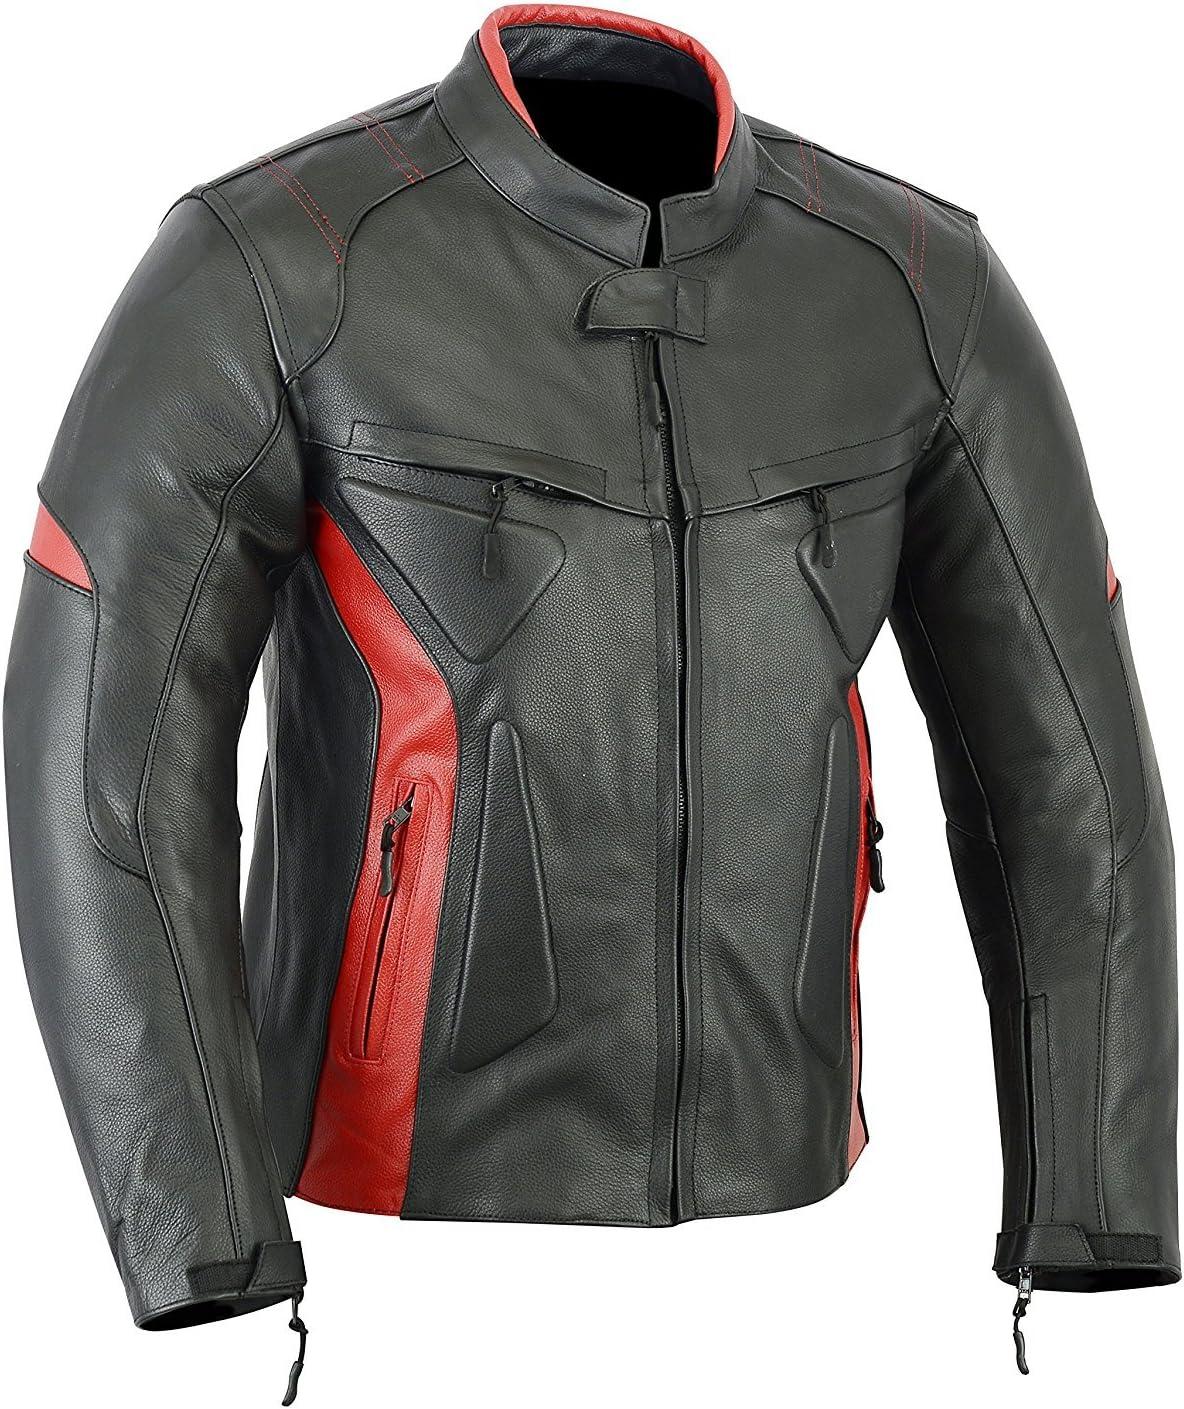 LJ-1704 Noir et rouge En cuir Veste haute protection pour moto//sports